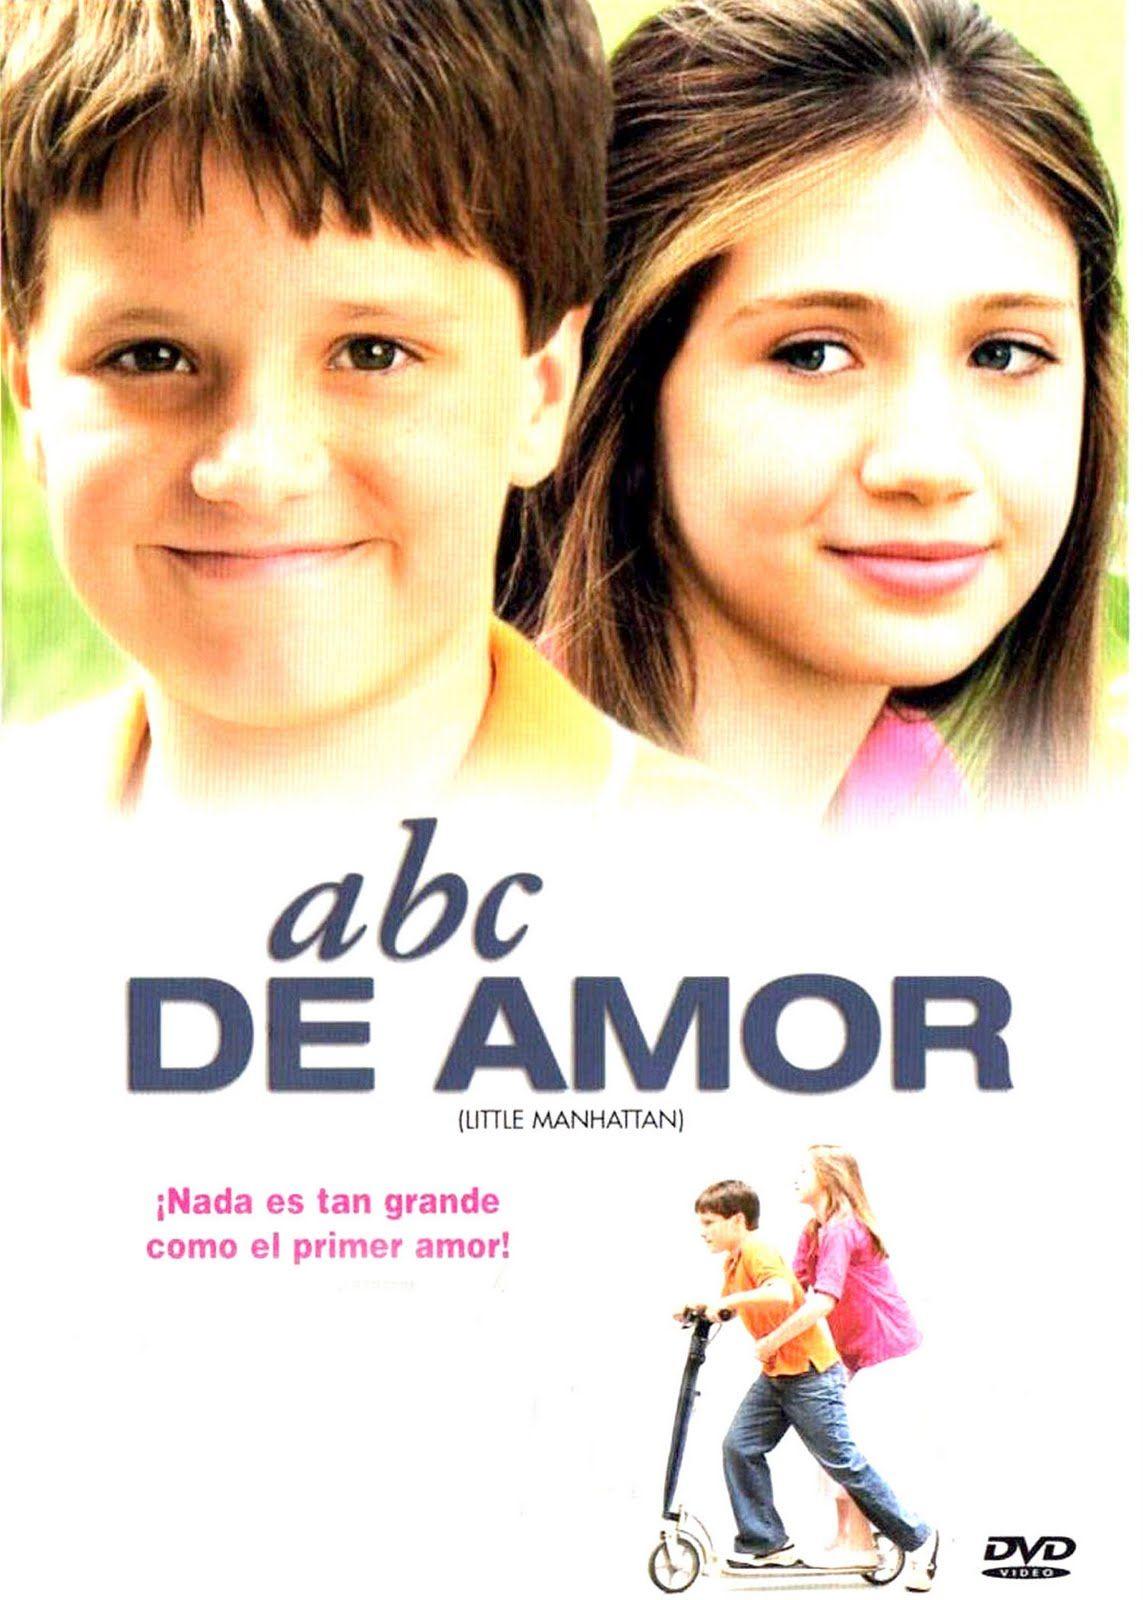 Pin De Caroline P C Em Movies Filmes De Comedia Netflix Filmes